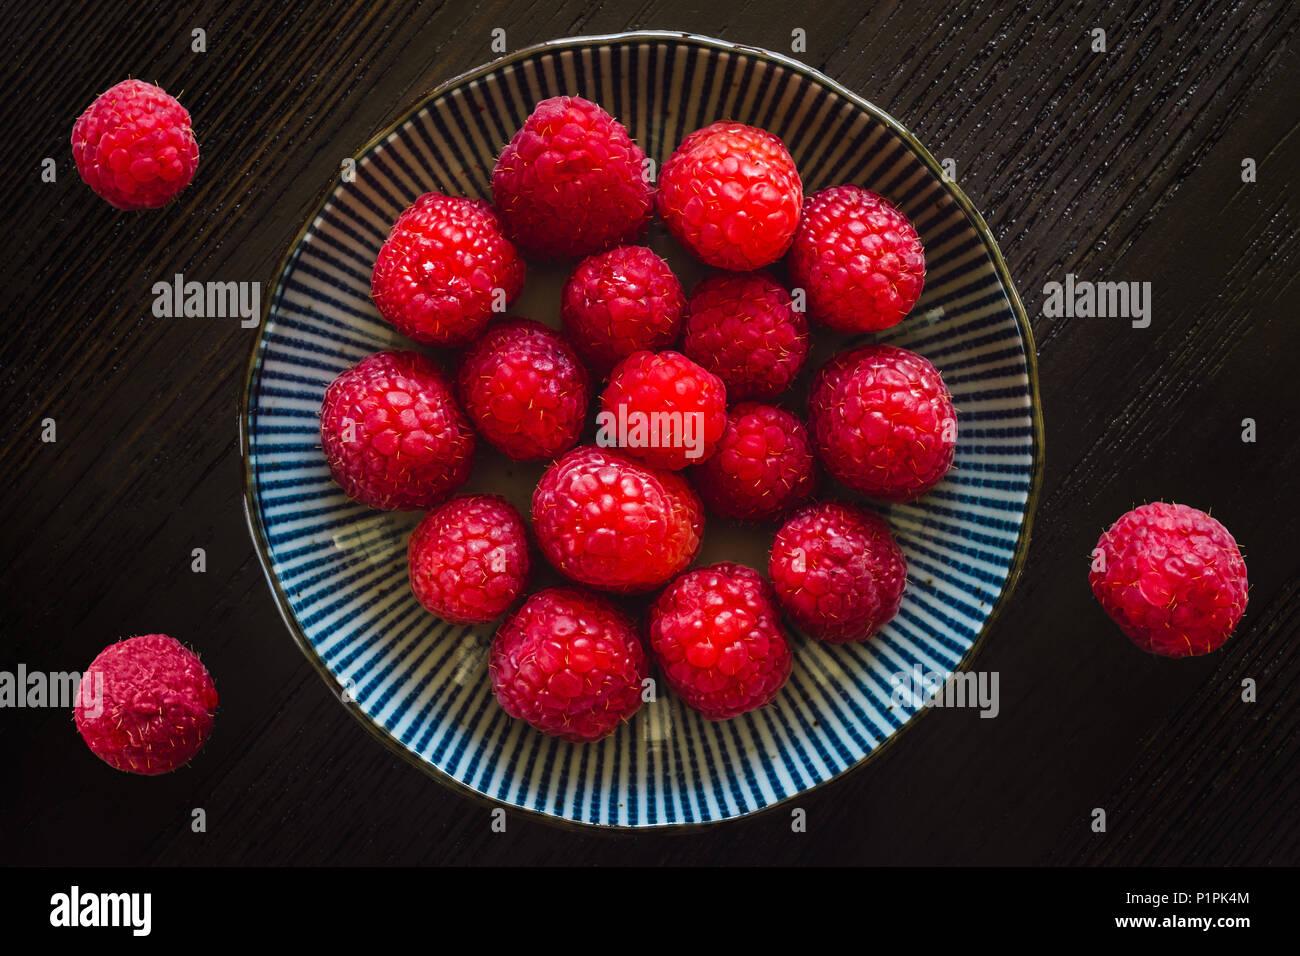 Les framboises dans un bol et sur table en bois sombre. Photo Stock